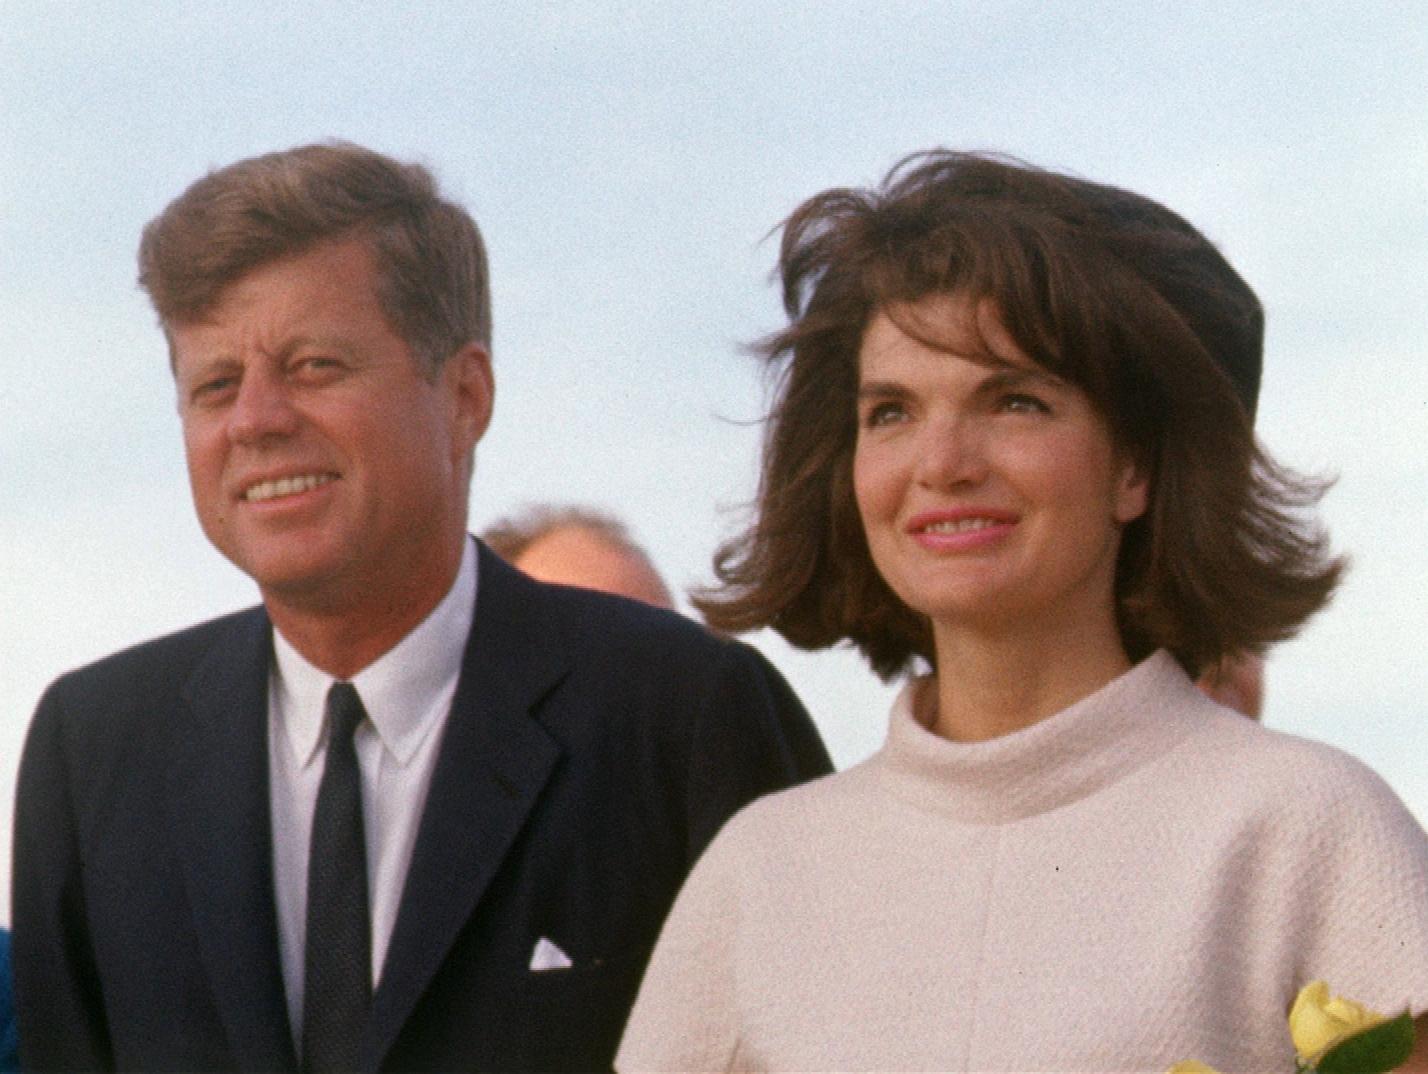 In San Antonio Texas on Thursday, November, 21, 1963. Image: unknown.